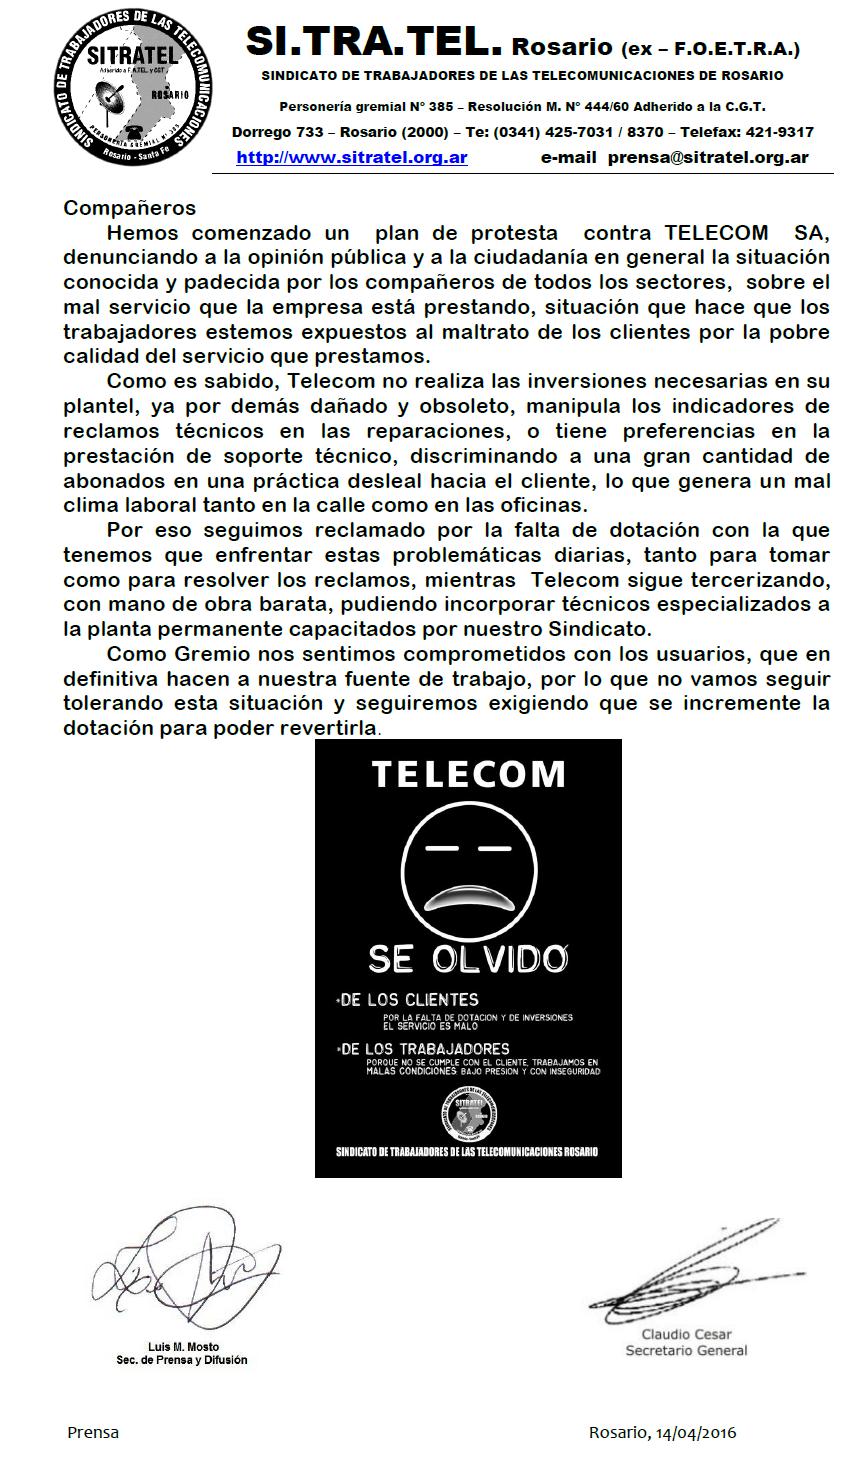 TELECOM SE OLVIDO